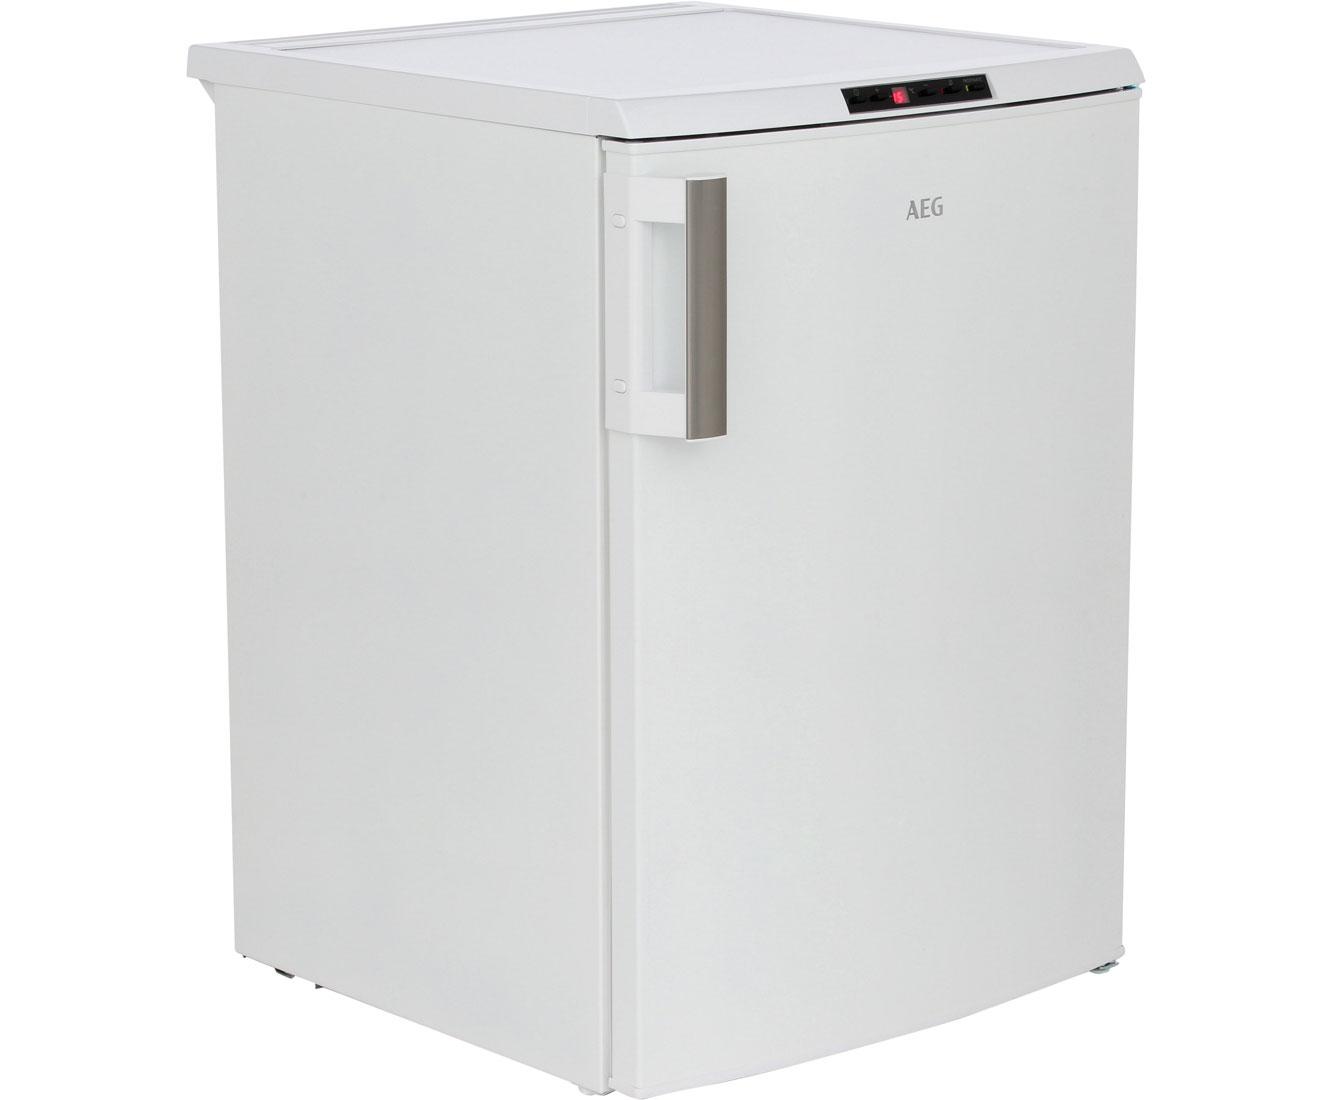 Aeg Kühlschrank Mit Gefrierfach Abtauen : Aeg kühlschrank mit gefrierfach abtauen: kühlschränke u für echte